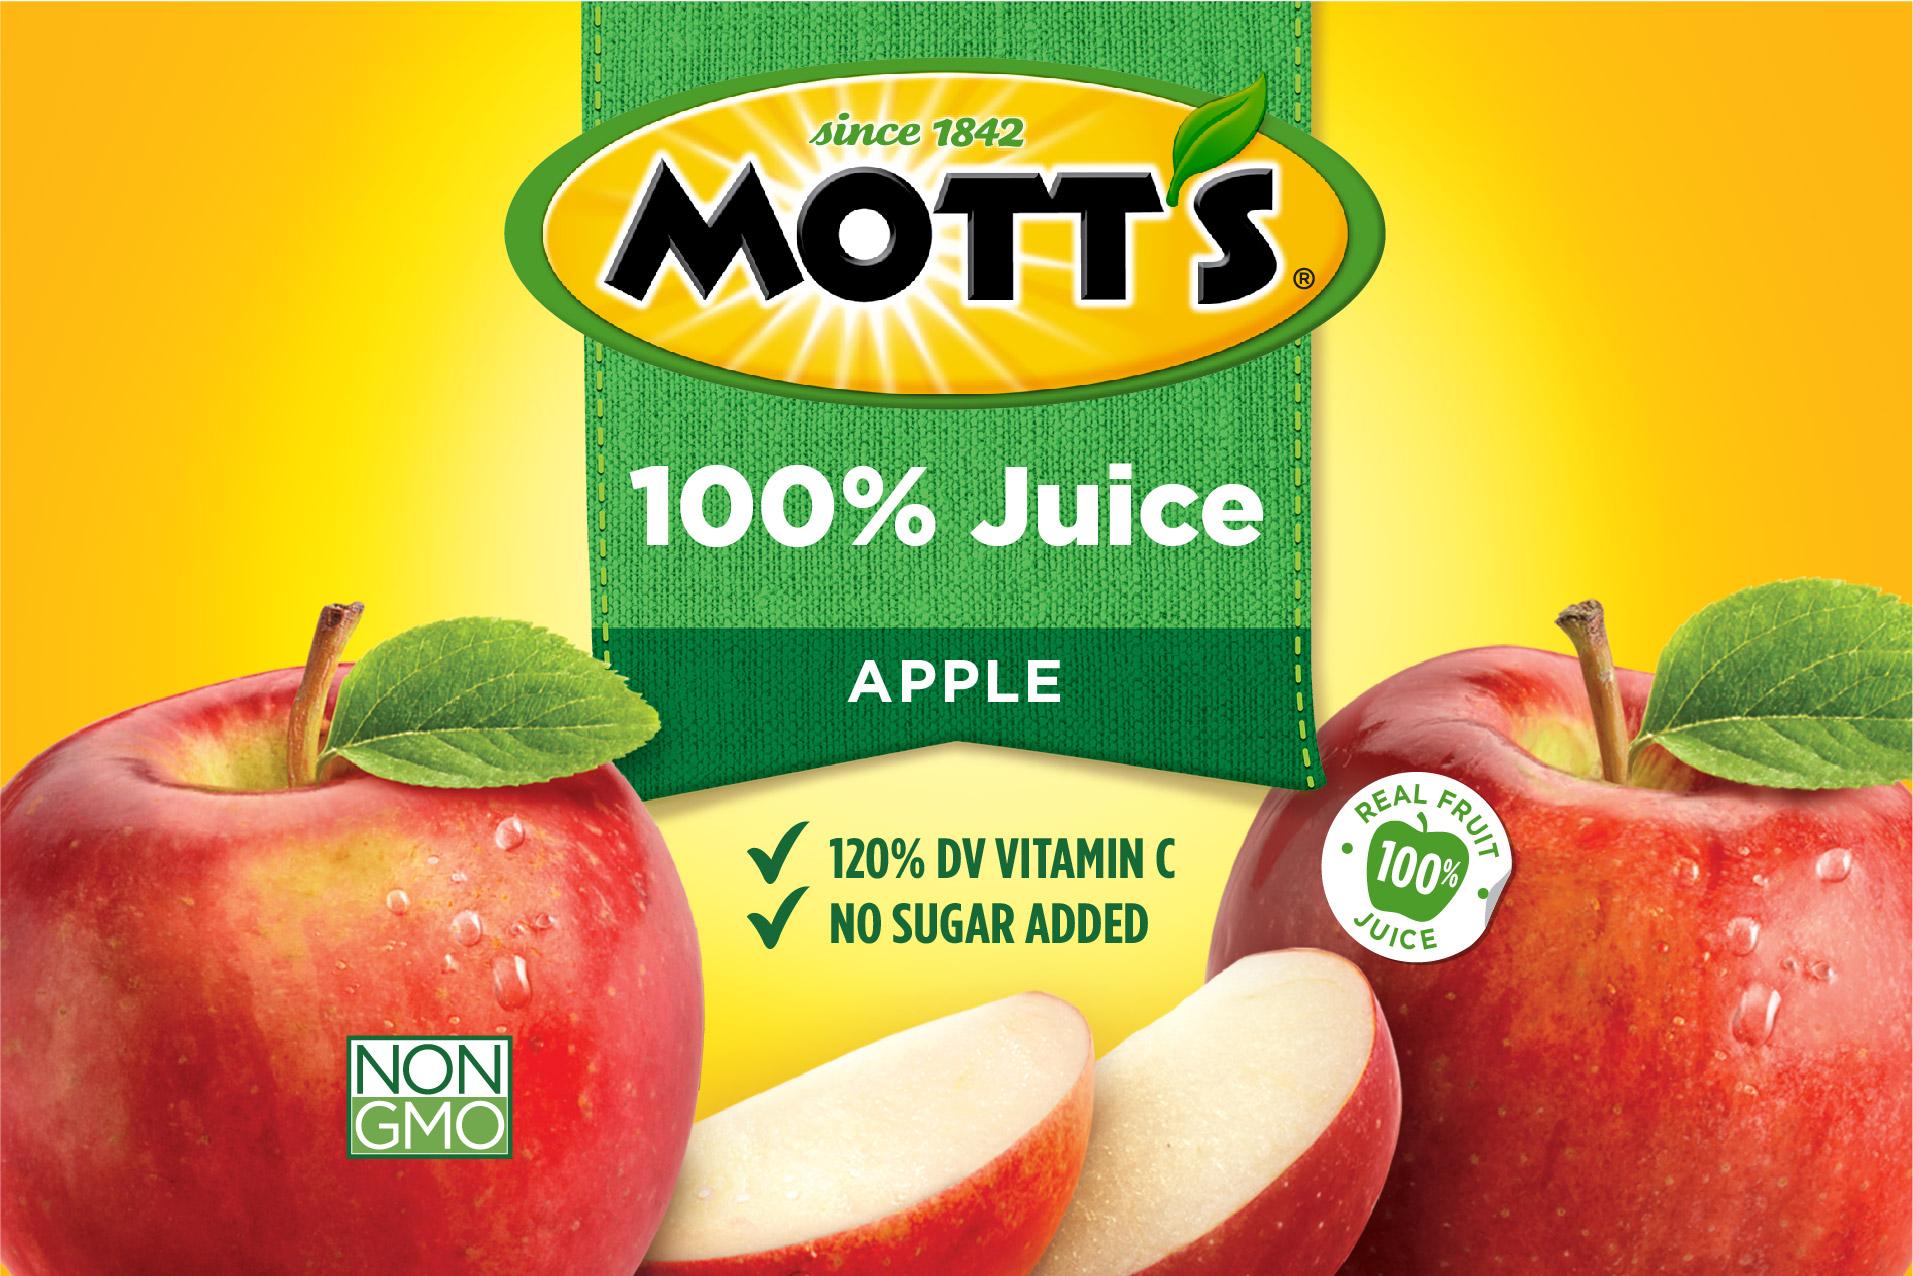 Motts_Apple_Base-Splash-01.jpg